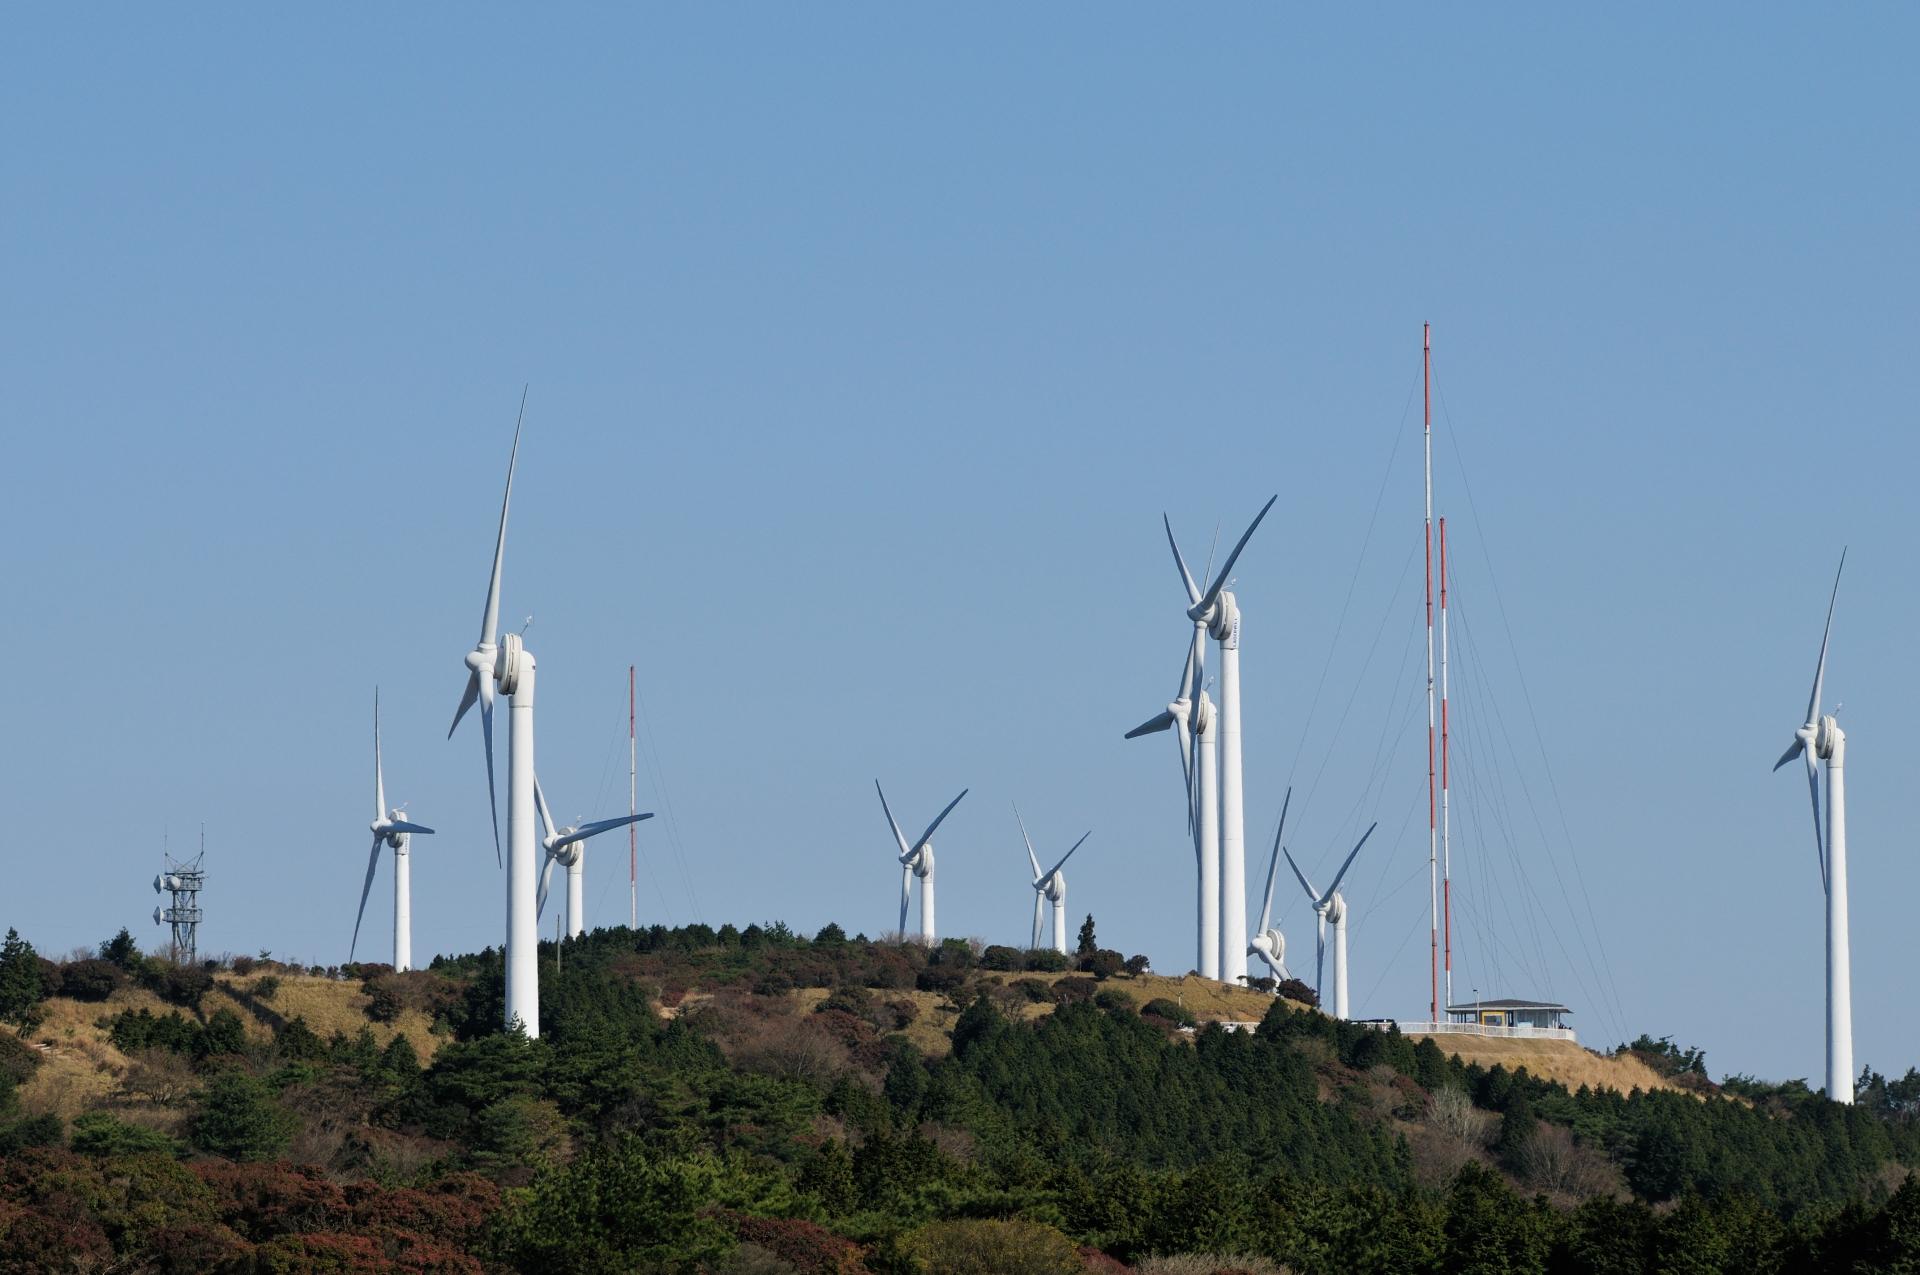 青山高原風力発電所のラガウェイ社製風車